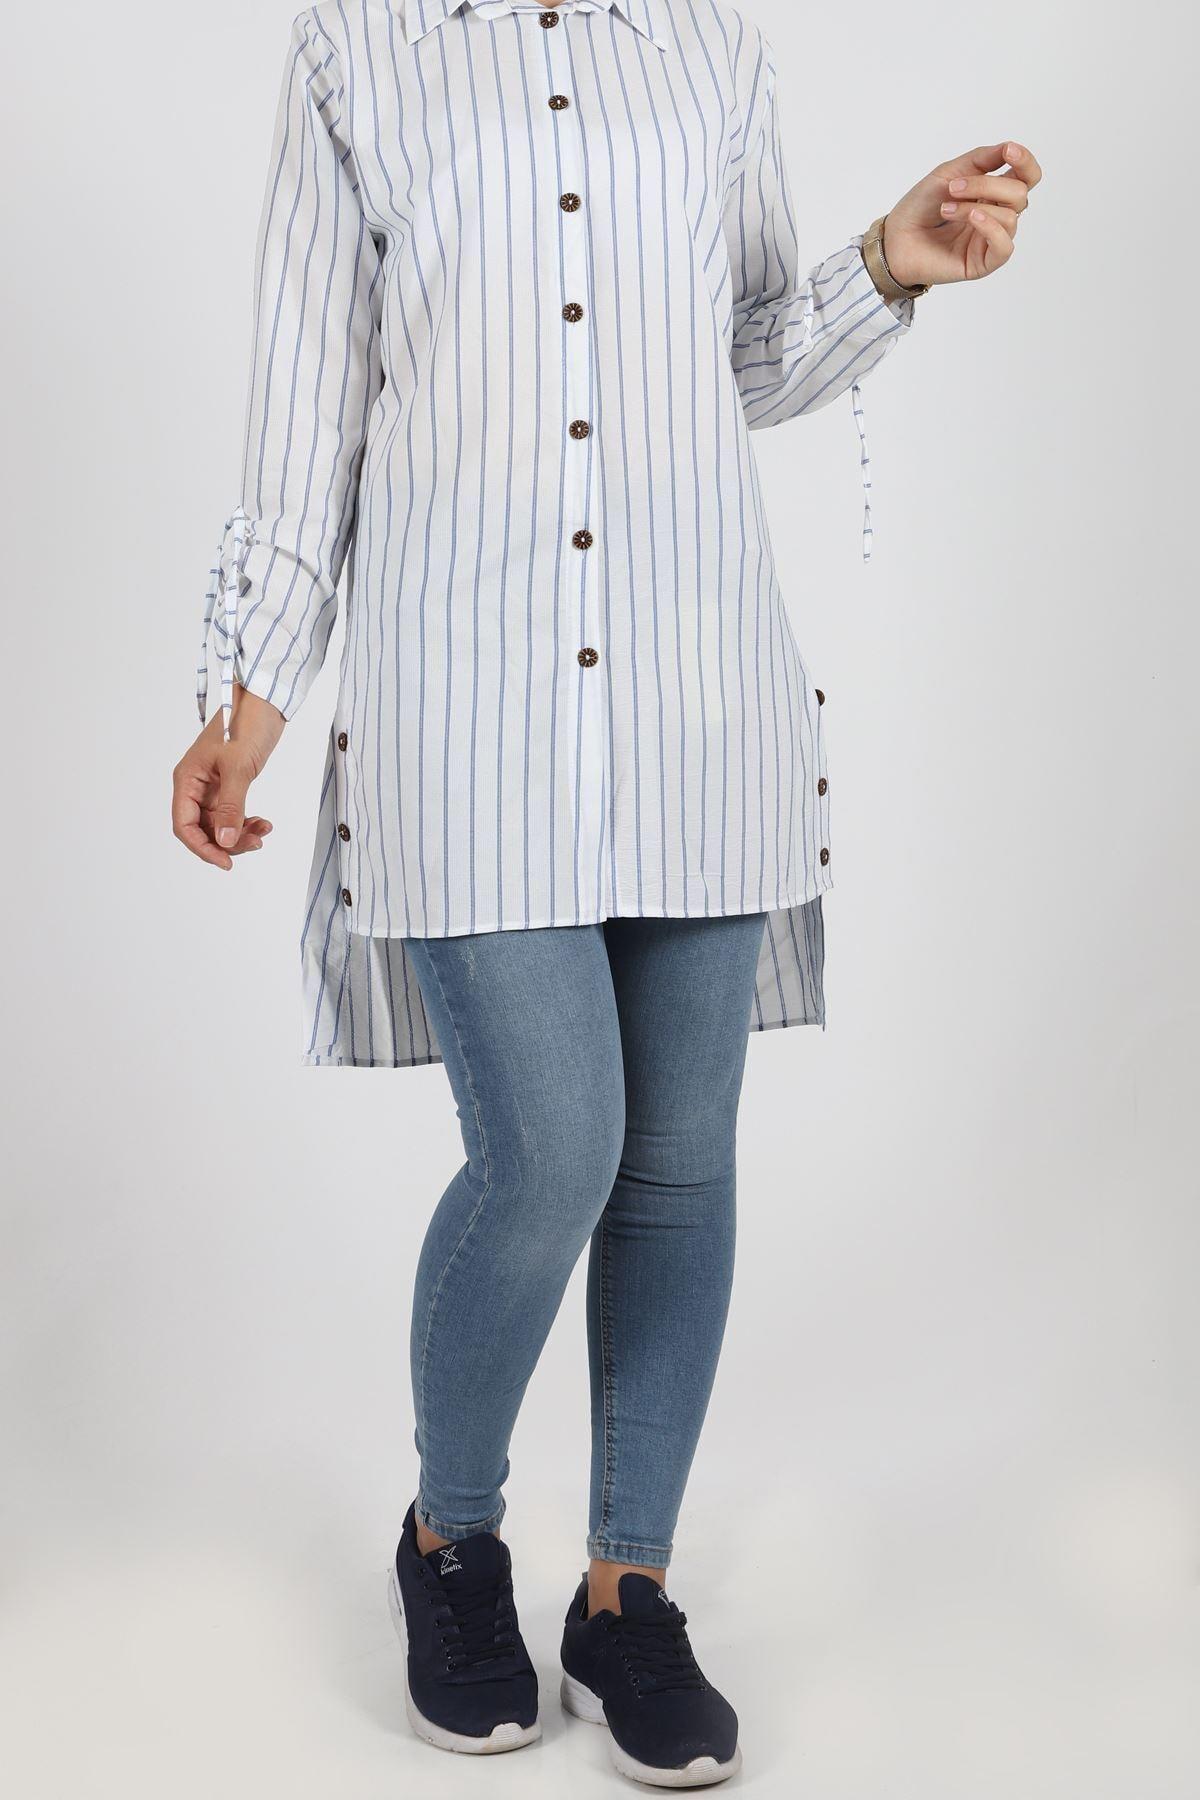 0285 Cotton Kumaş Bayan Gömlek Tunik - Mavi